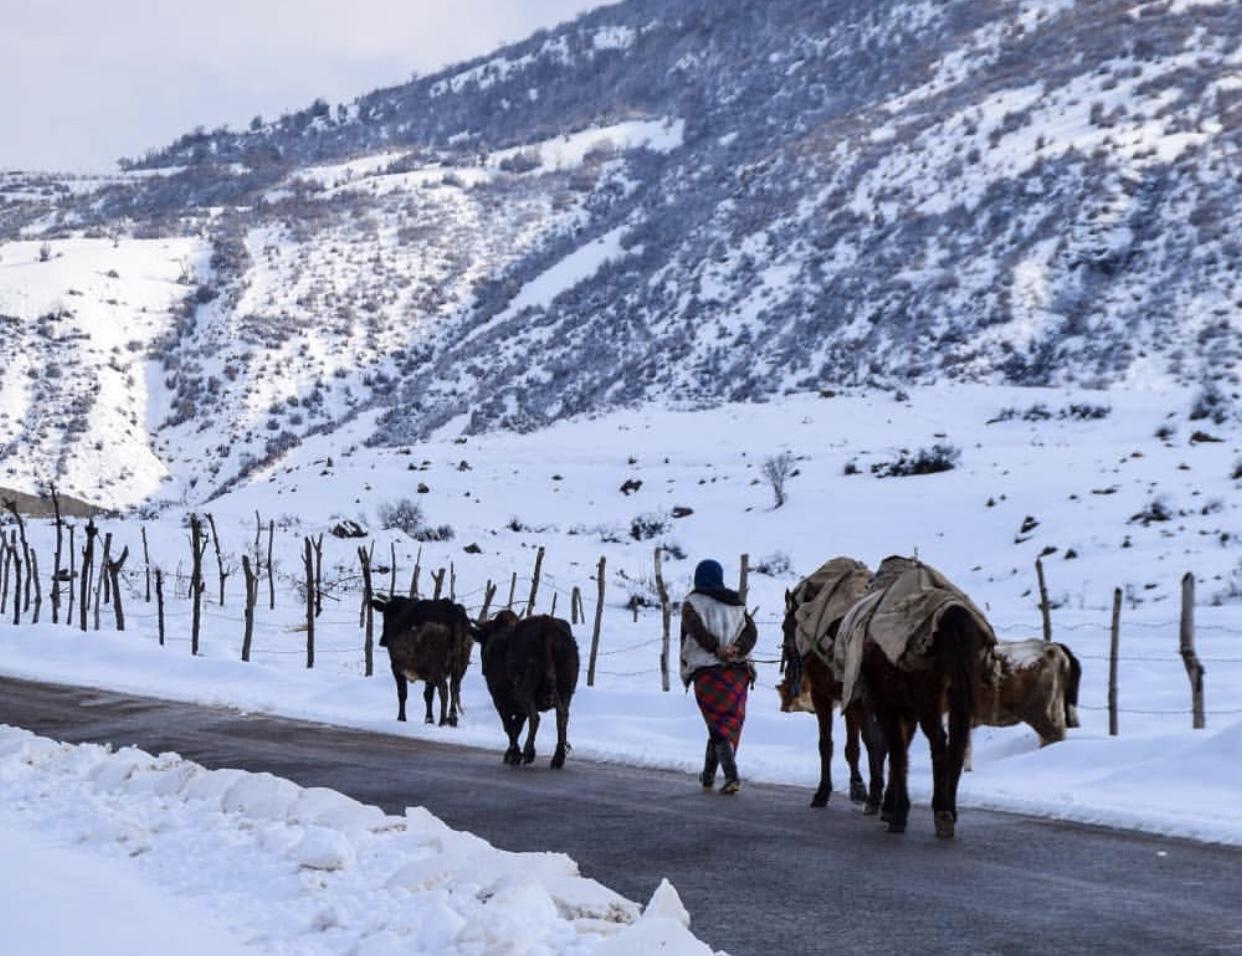 عدسة إيرانية: رعيٌ وسط الثلوج 1